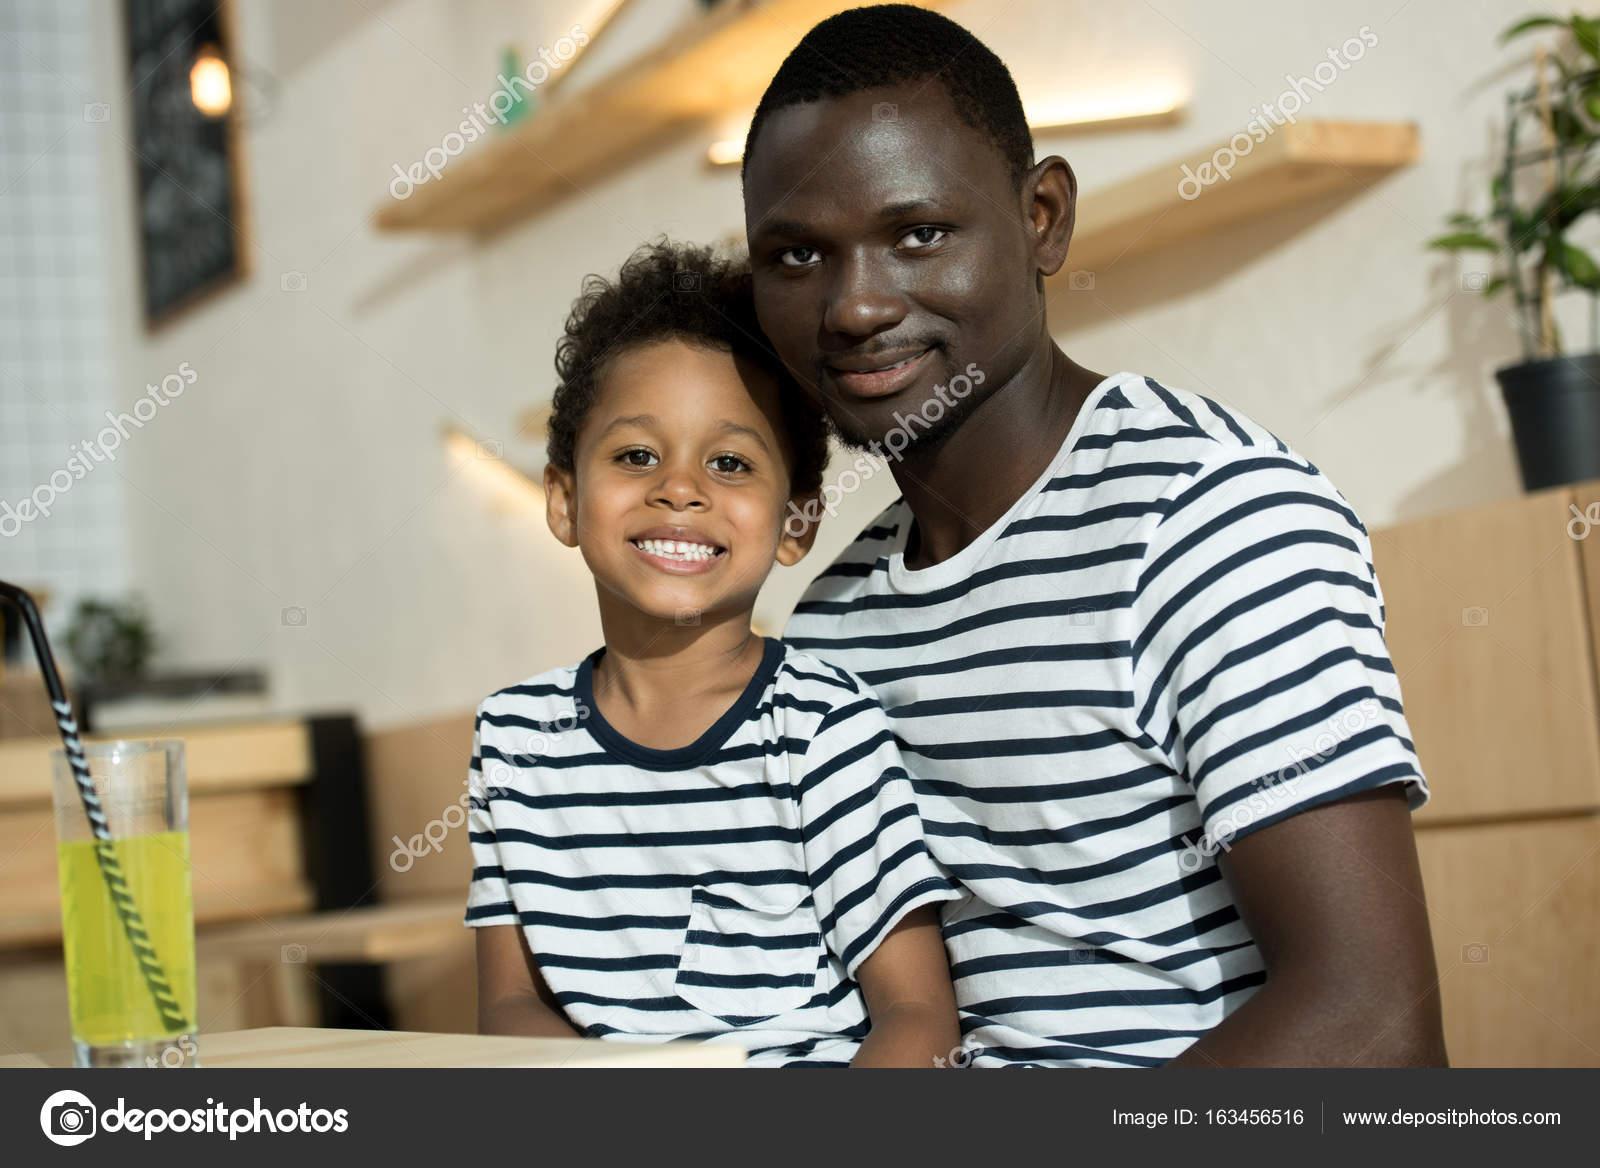 Heureux père et fils afro-américain image libre de droit